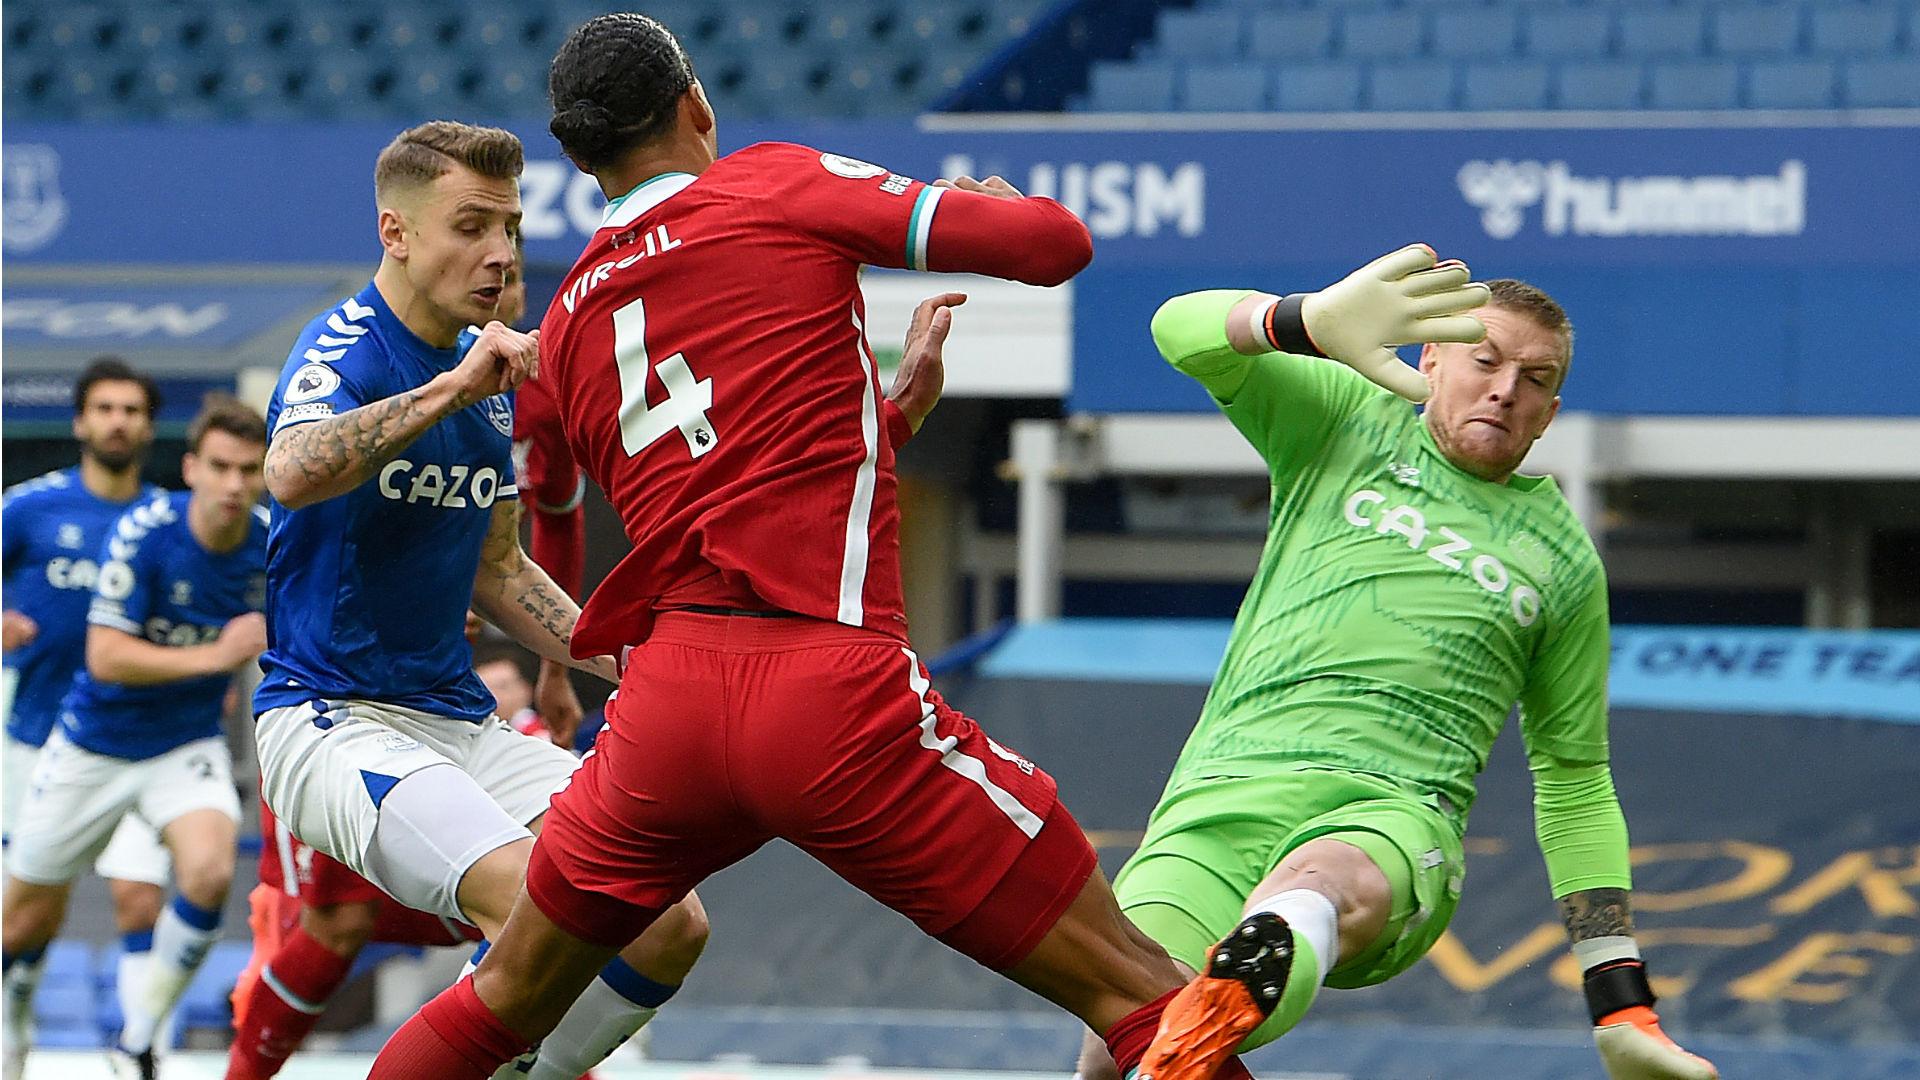 Wijnaldum slams 'unacceptable' Everton after Van Dijk injury